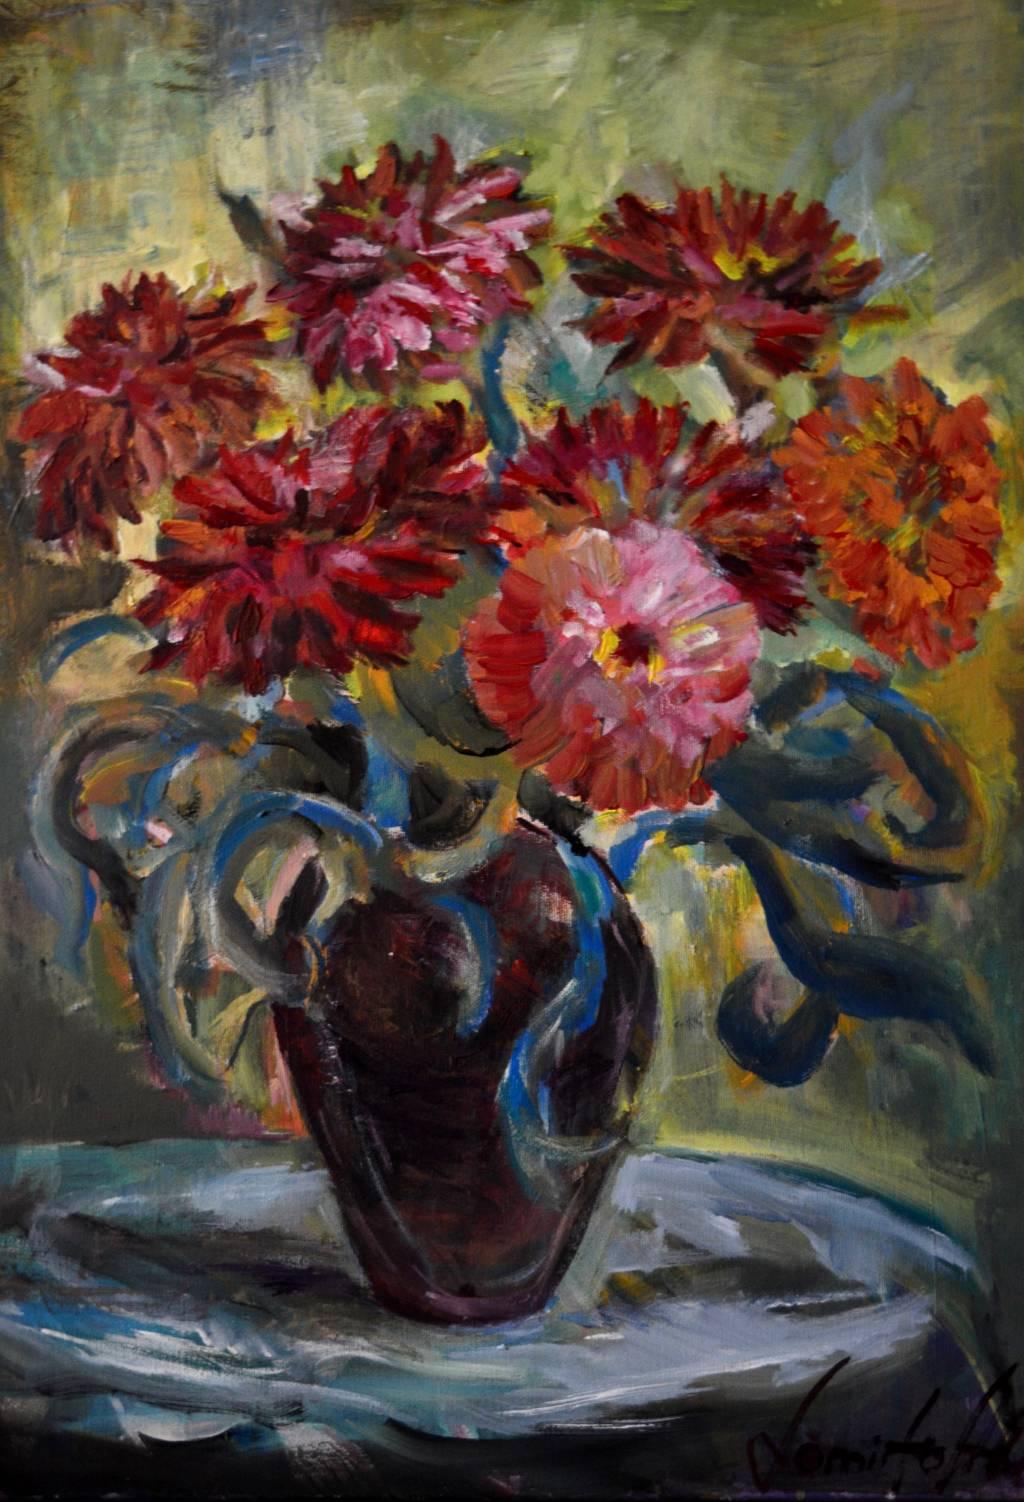 Poza Autumn bouquet 3